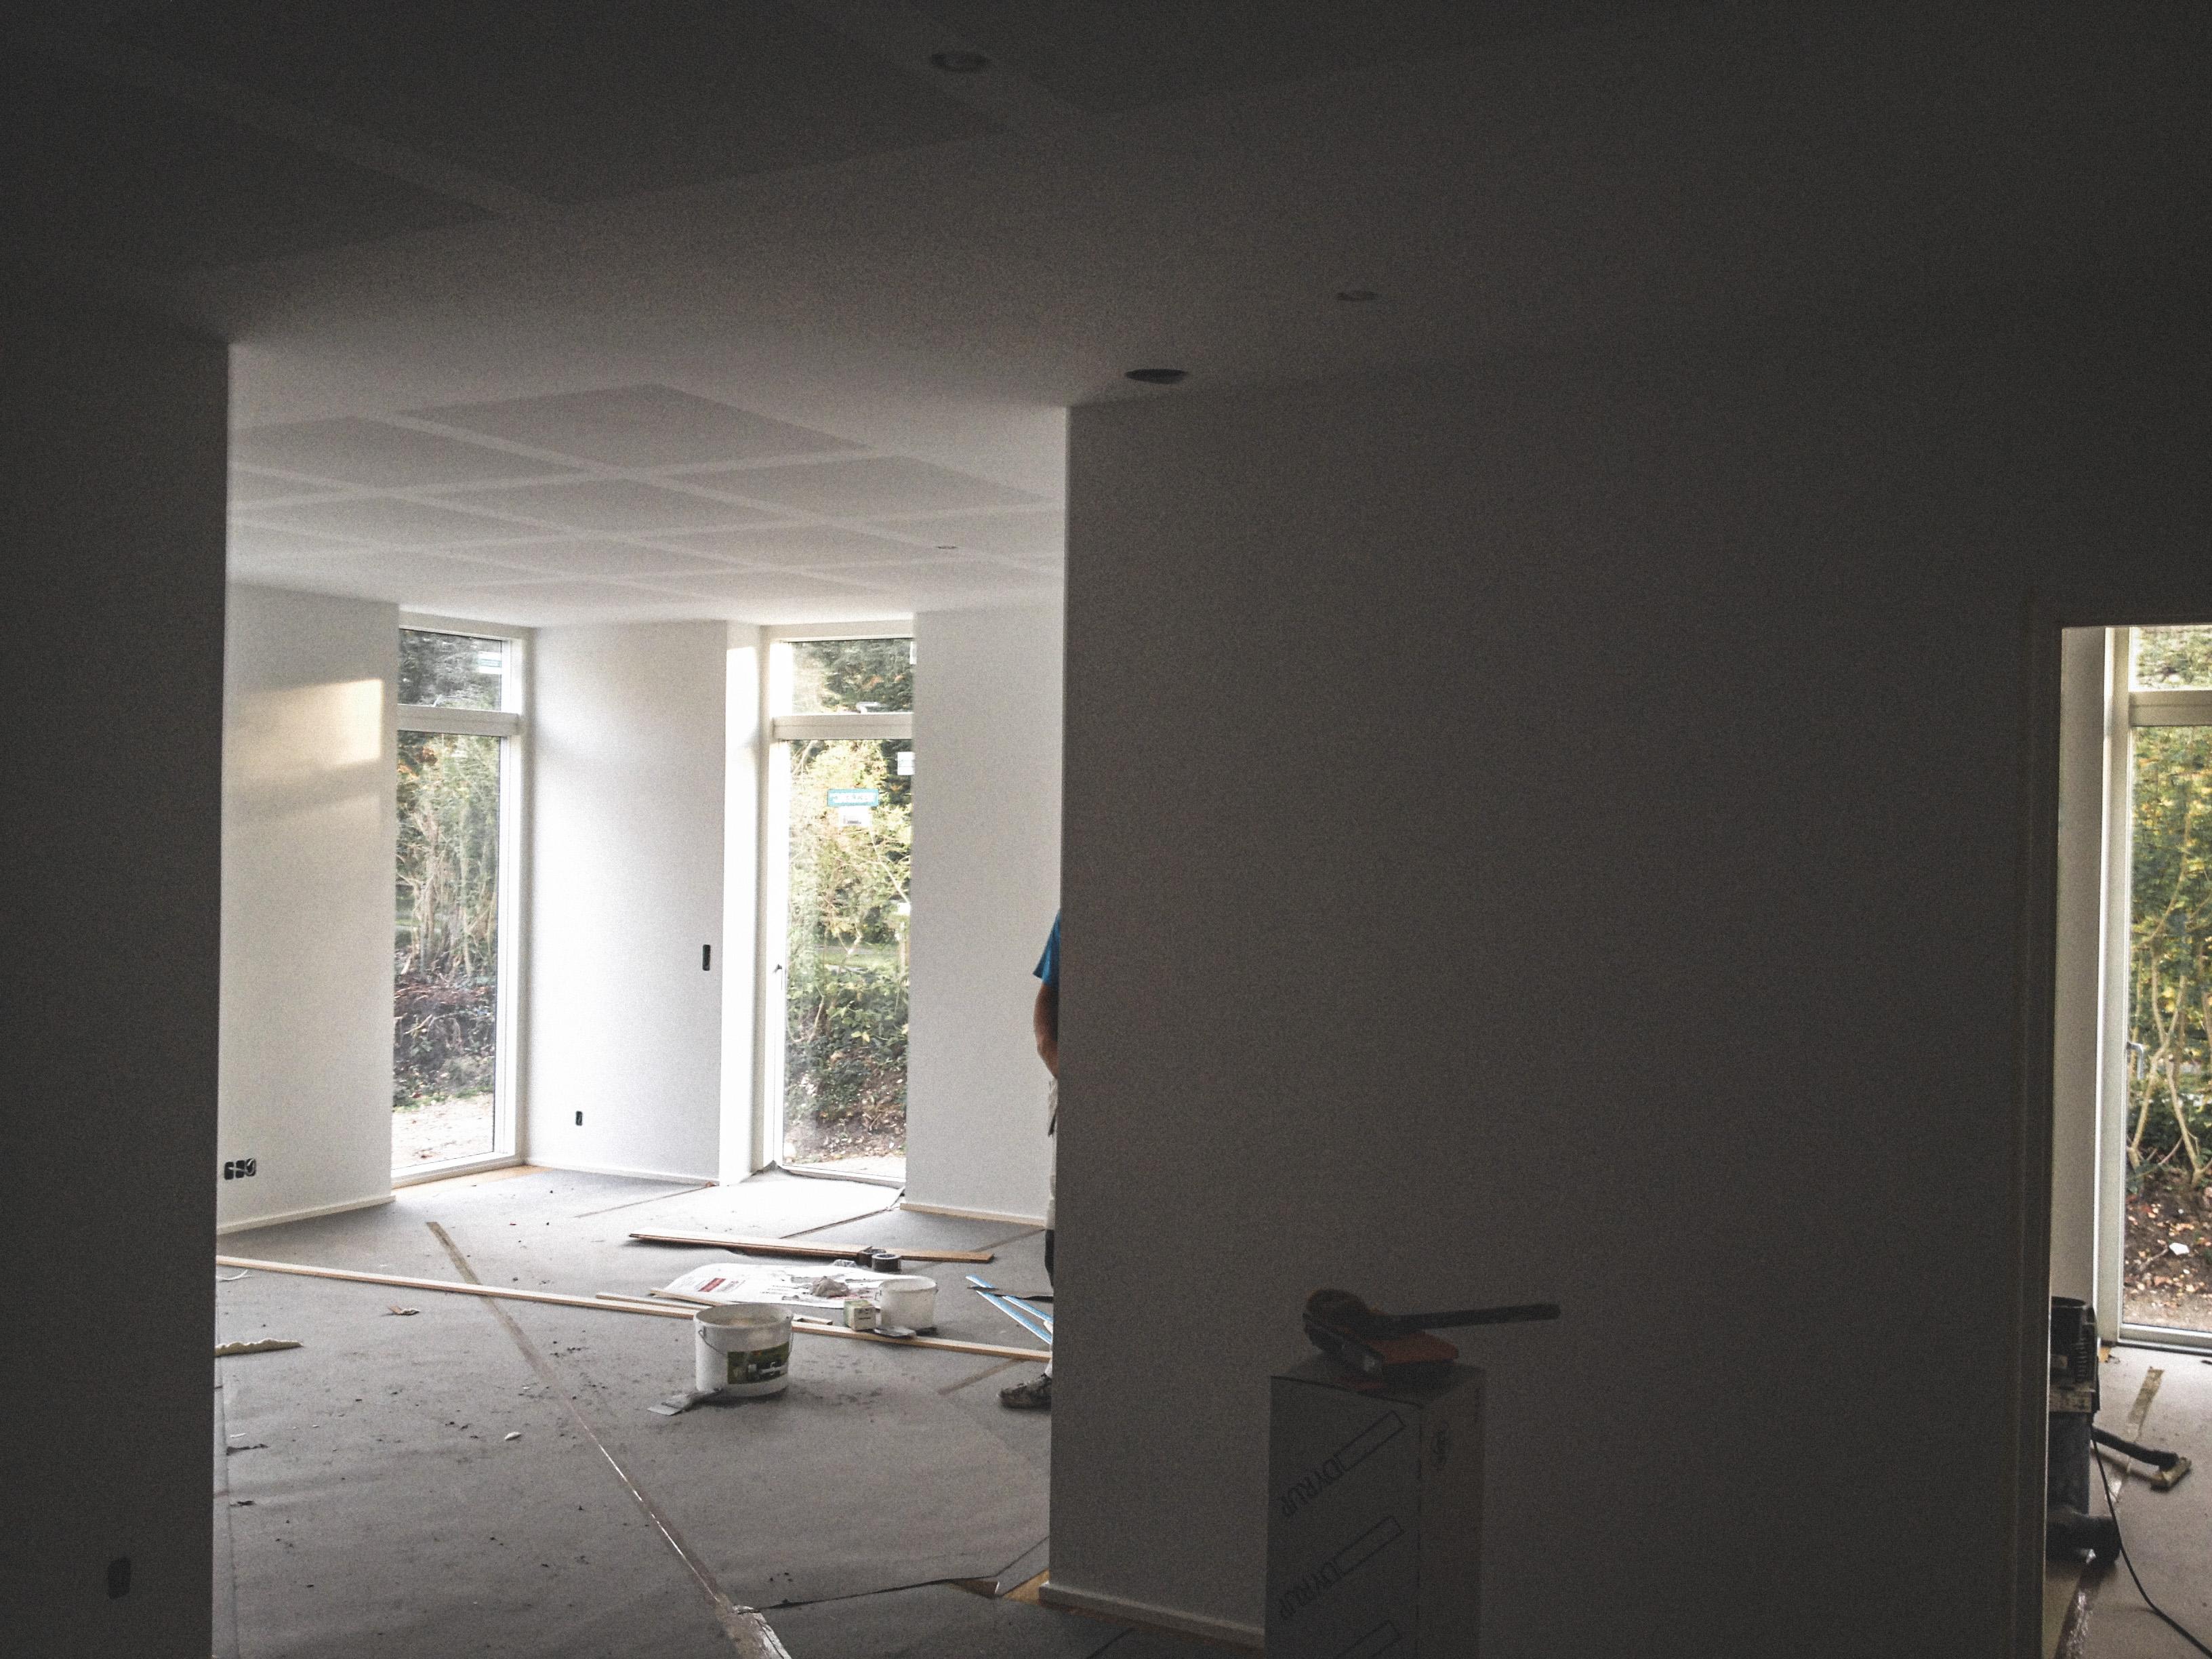 Billede af et igangværende byggeri i Birkerød, tegnet af arkitektfirmaet m2plus.